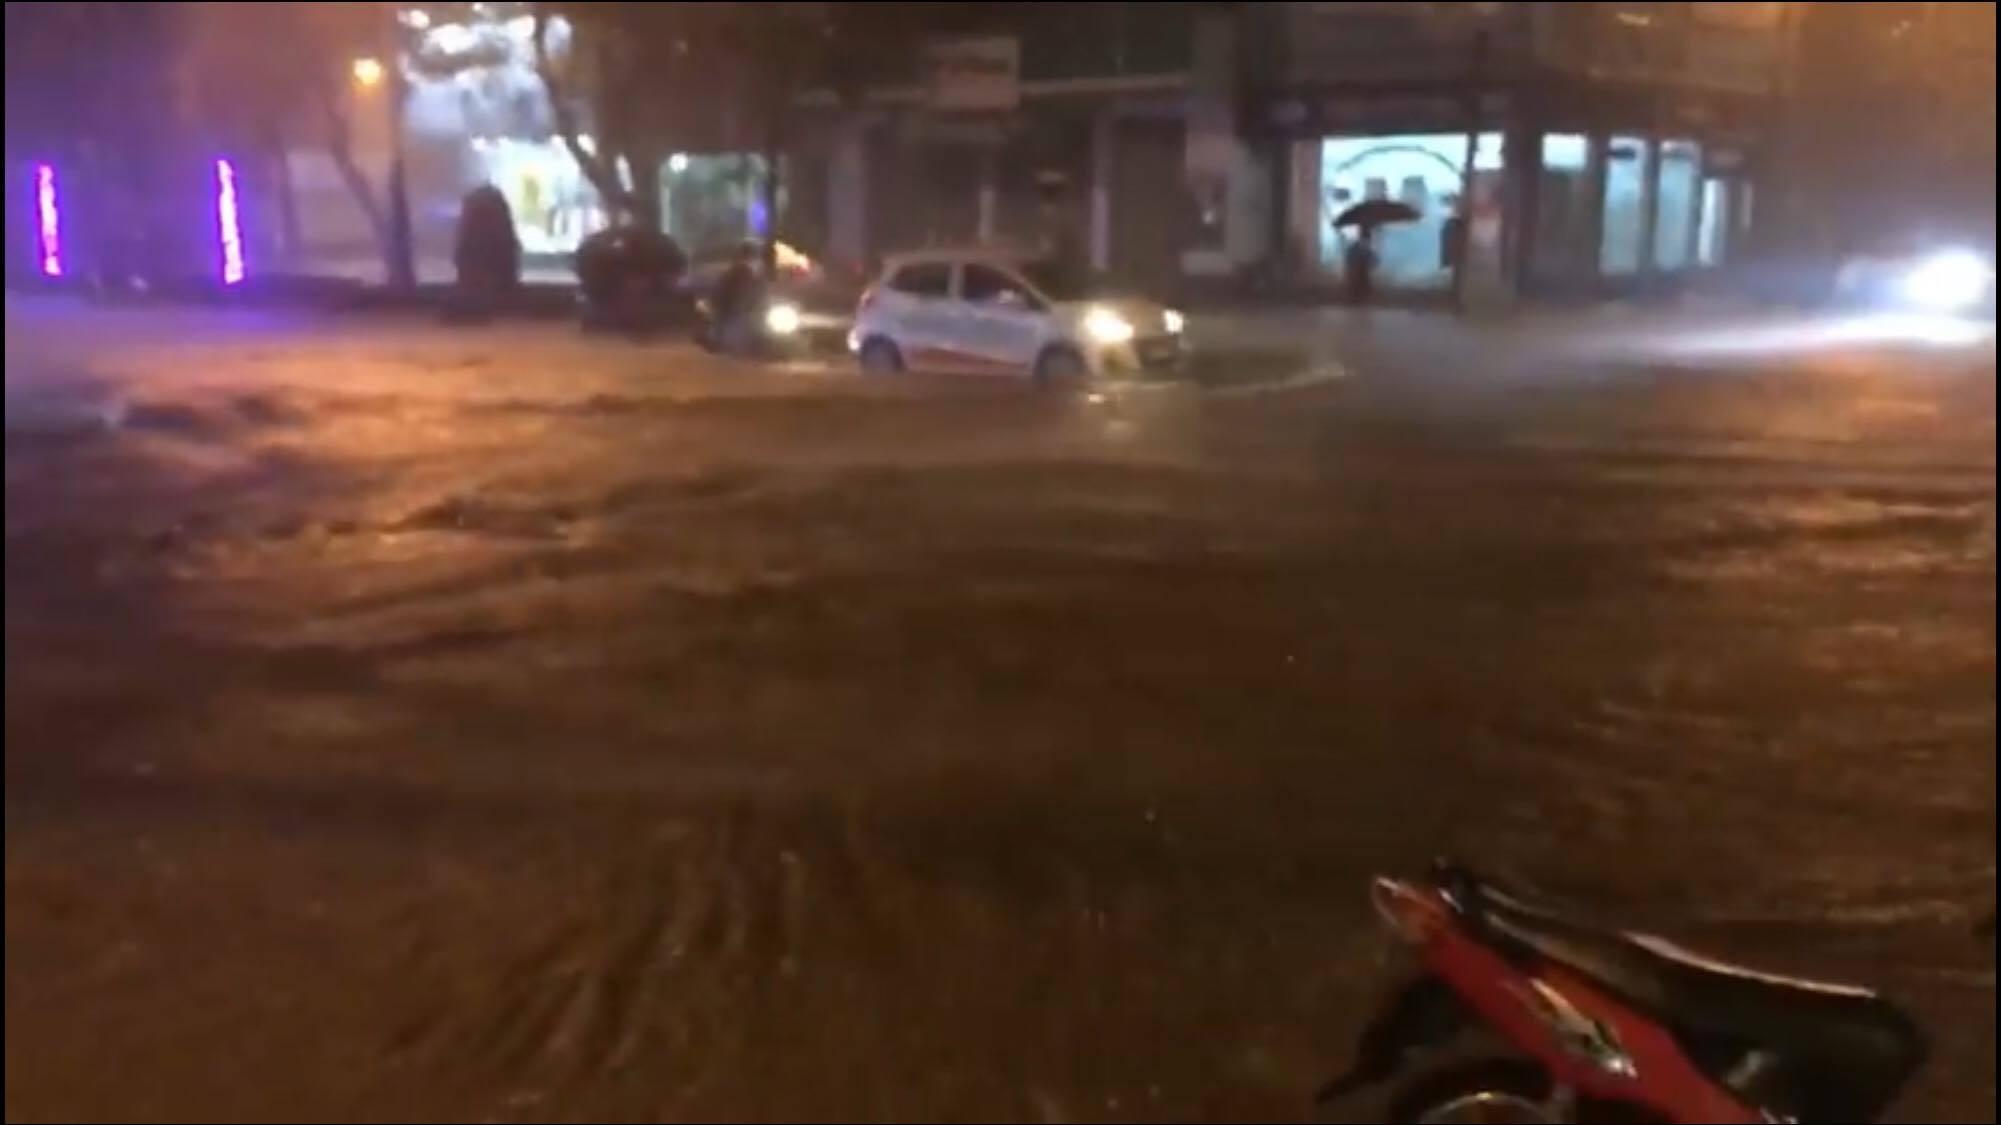 lũ lụt,lũ lụt ở Quảng Trị,mưa lũ